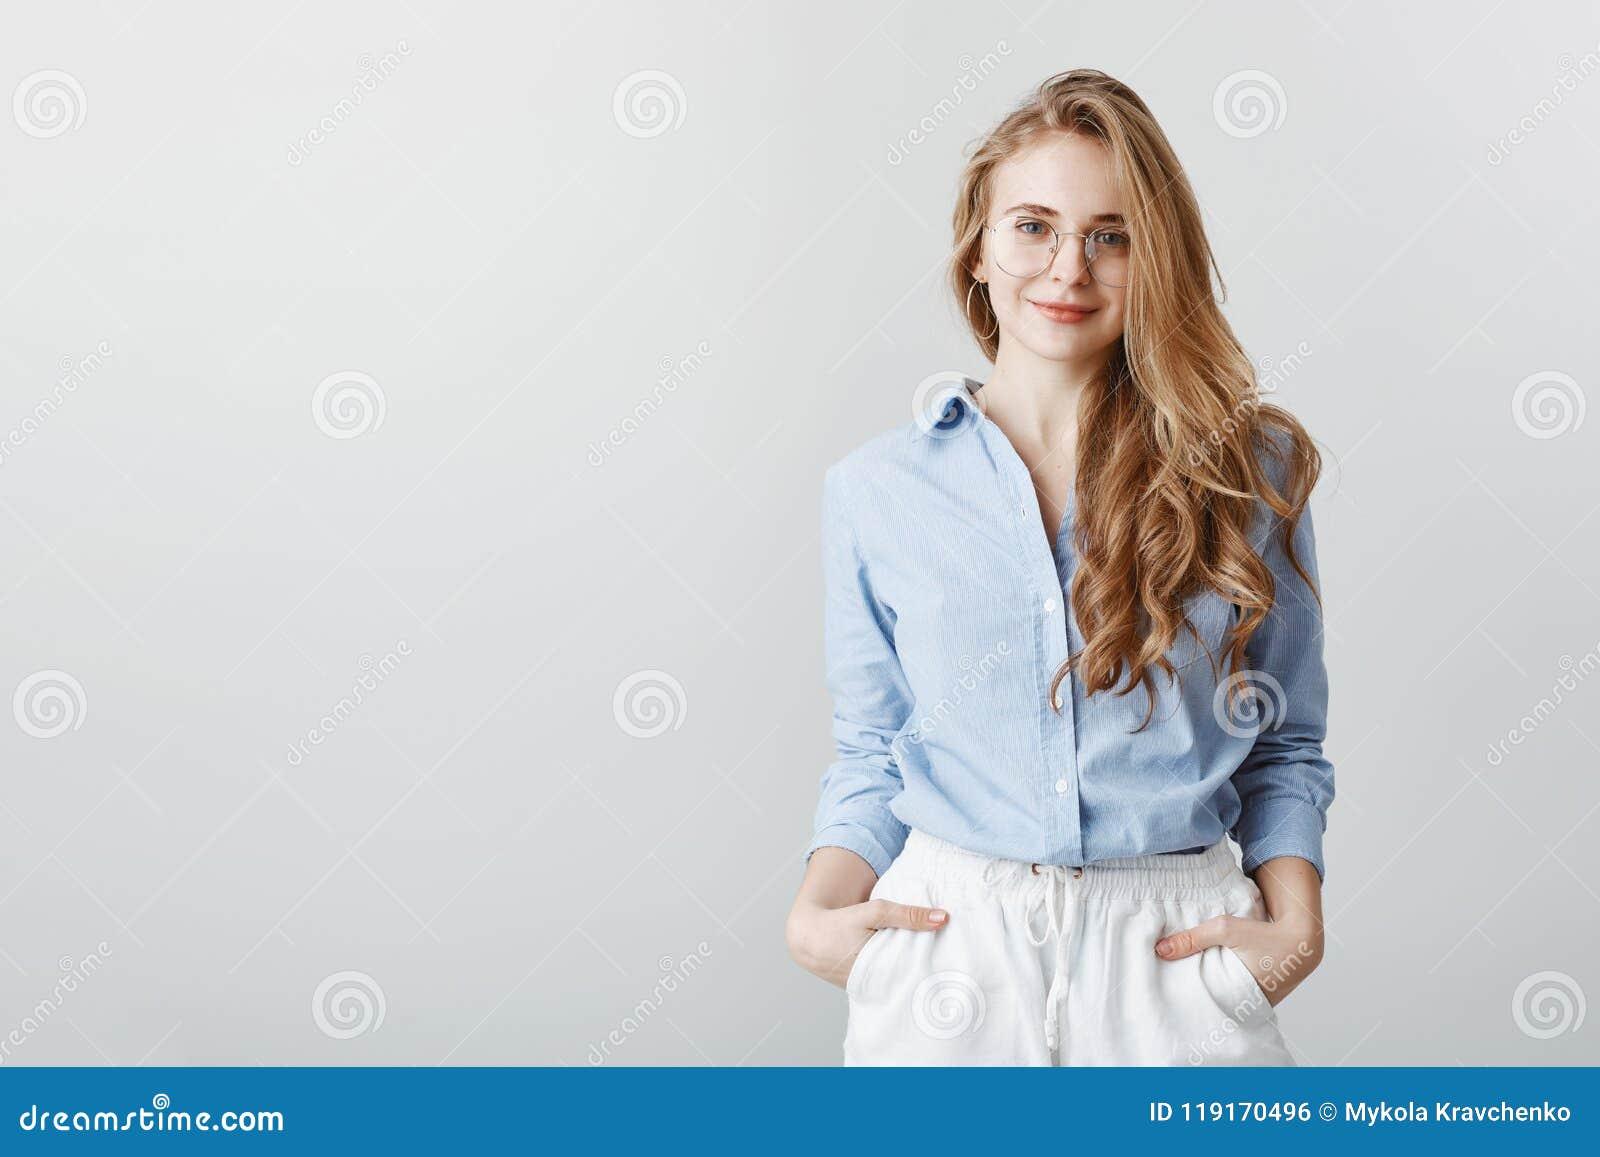 Désirs de client d audition d agent de voyage Portrait de femme d affaires européenne belle en chemisier et verres bleus